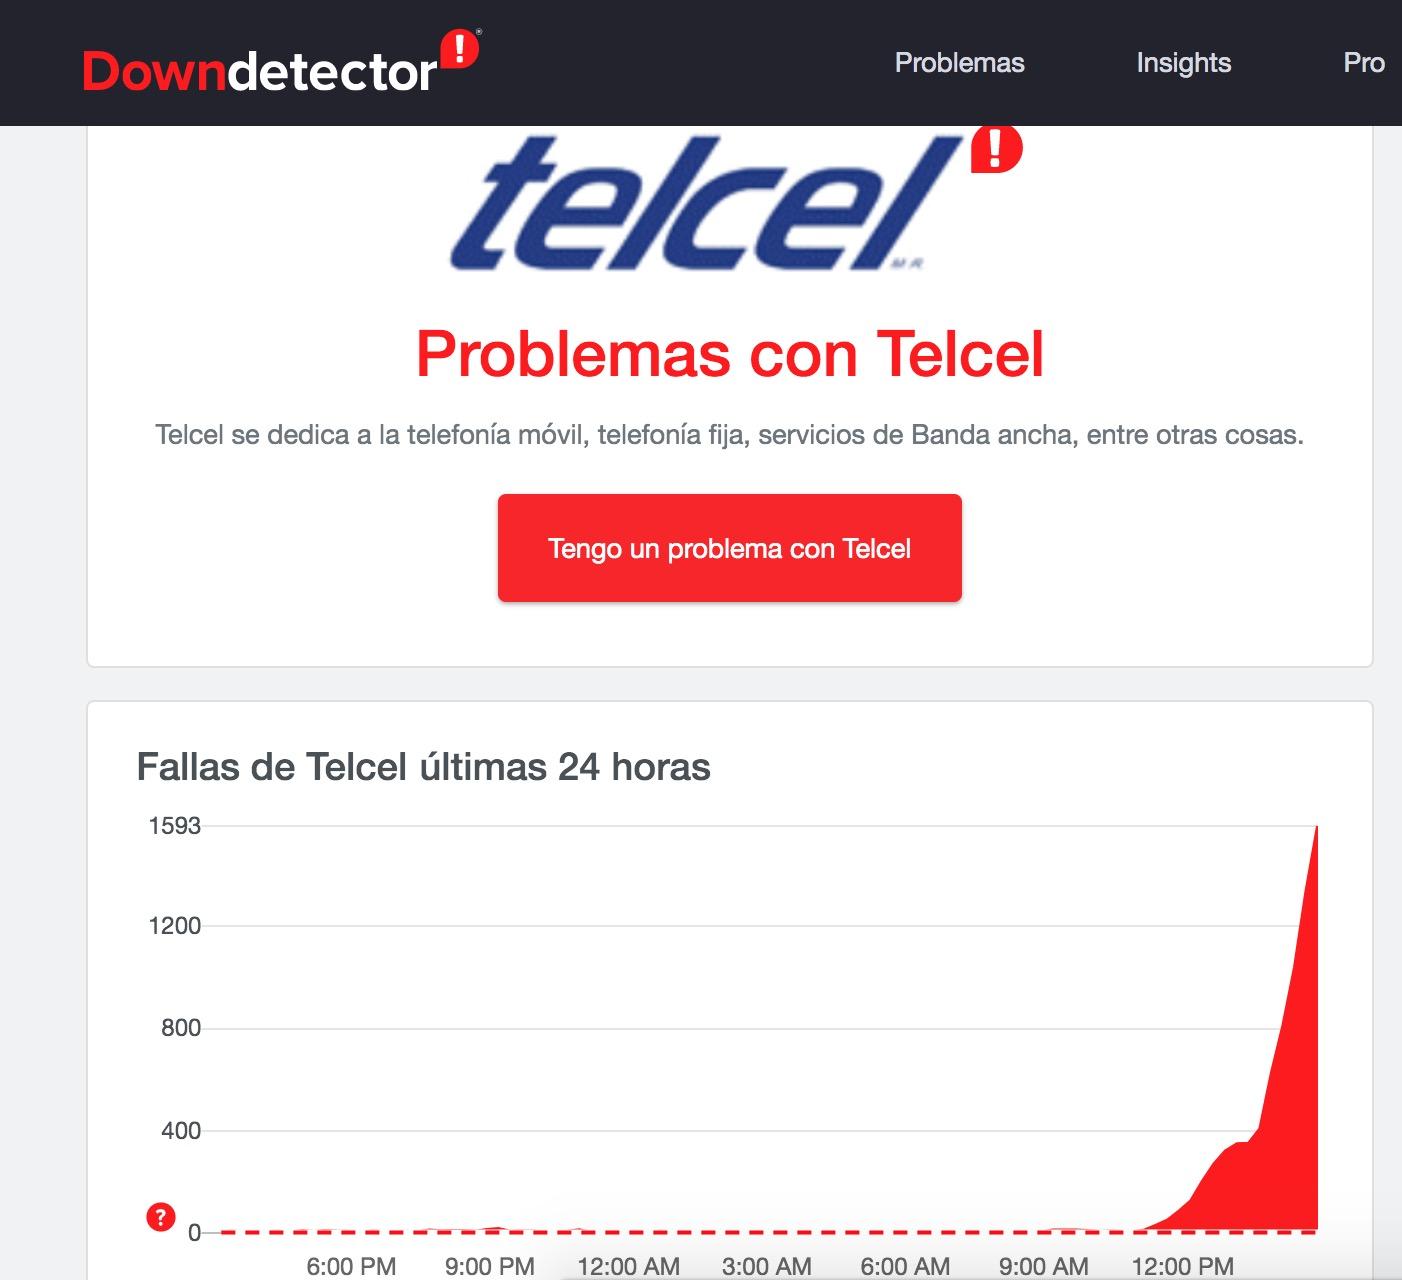 downdetector-Telcel